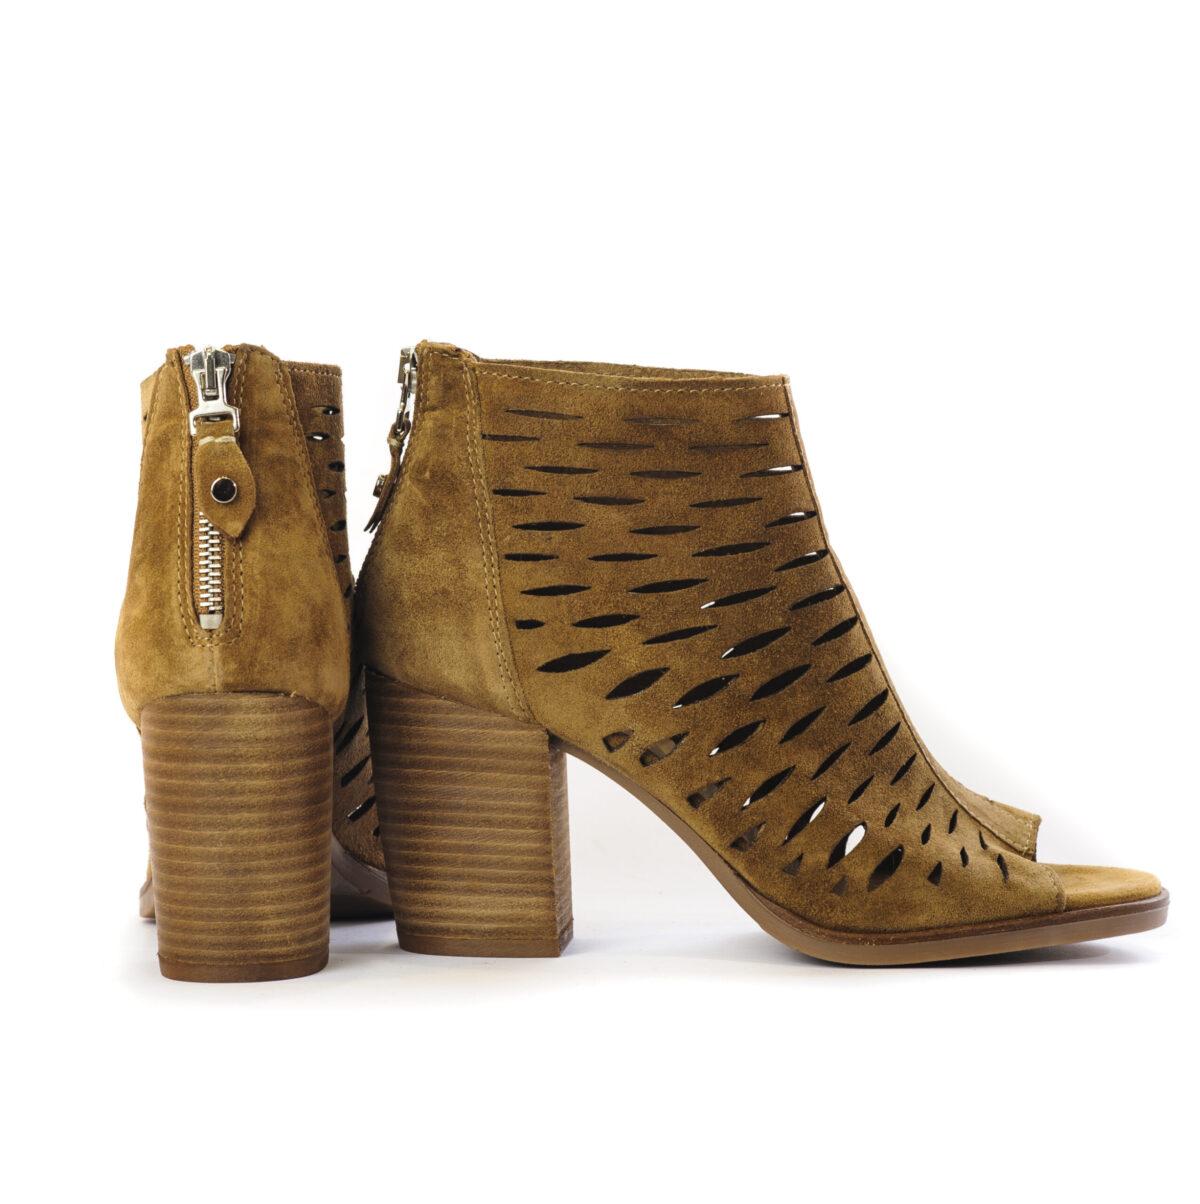 Γυναικεία Παπούτσια Γυναικείο Καλοκαιρινό Μποτάκι Laser Cut